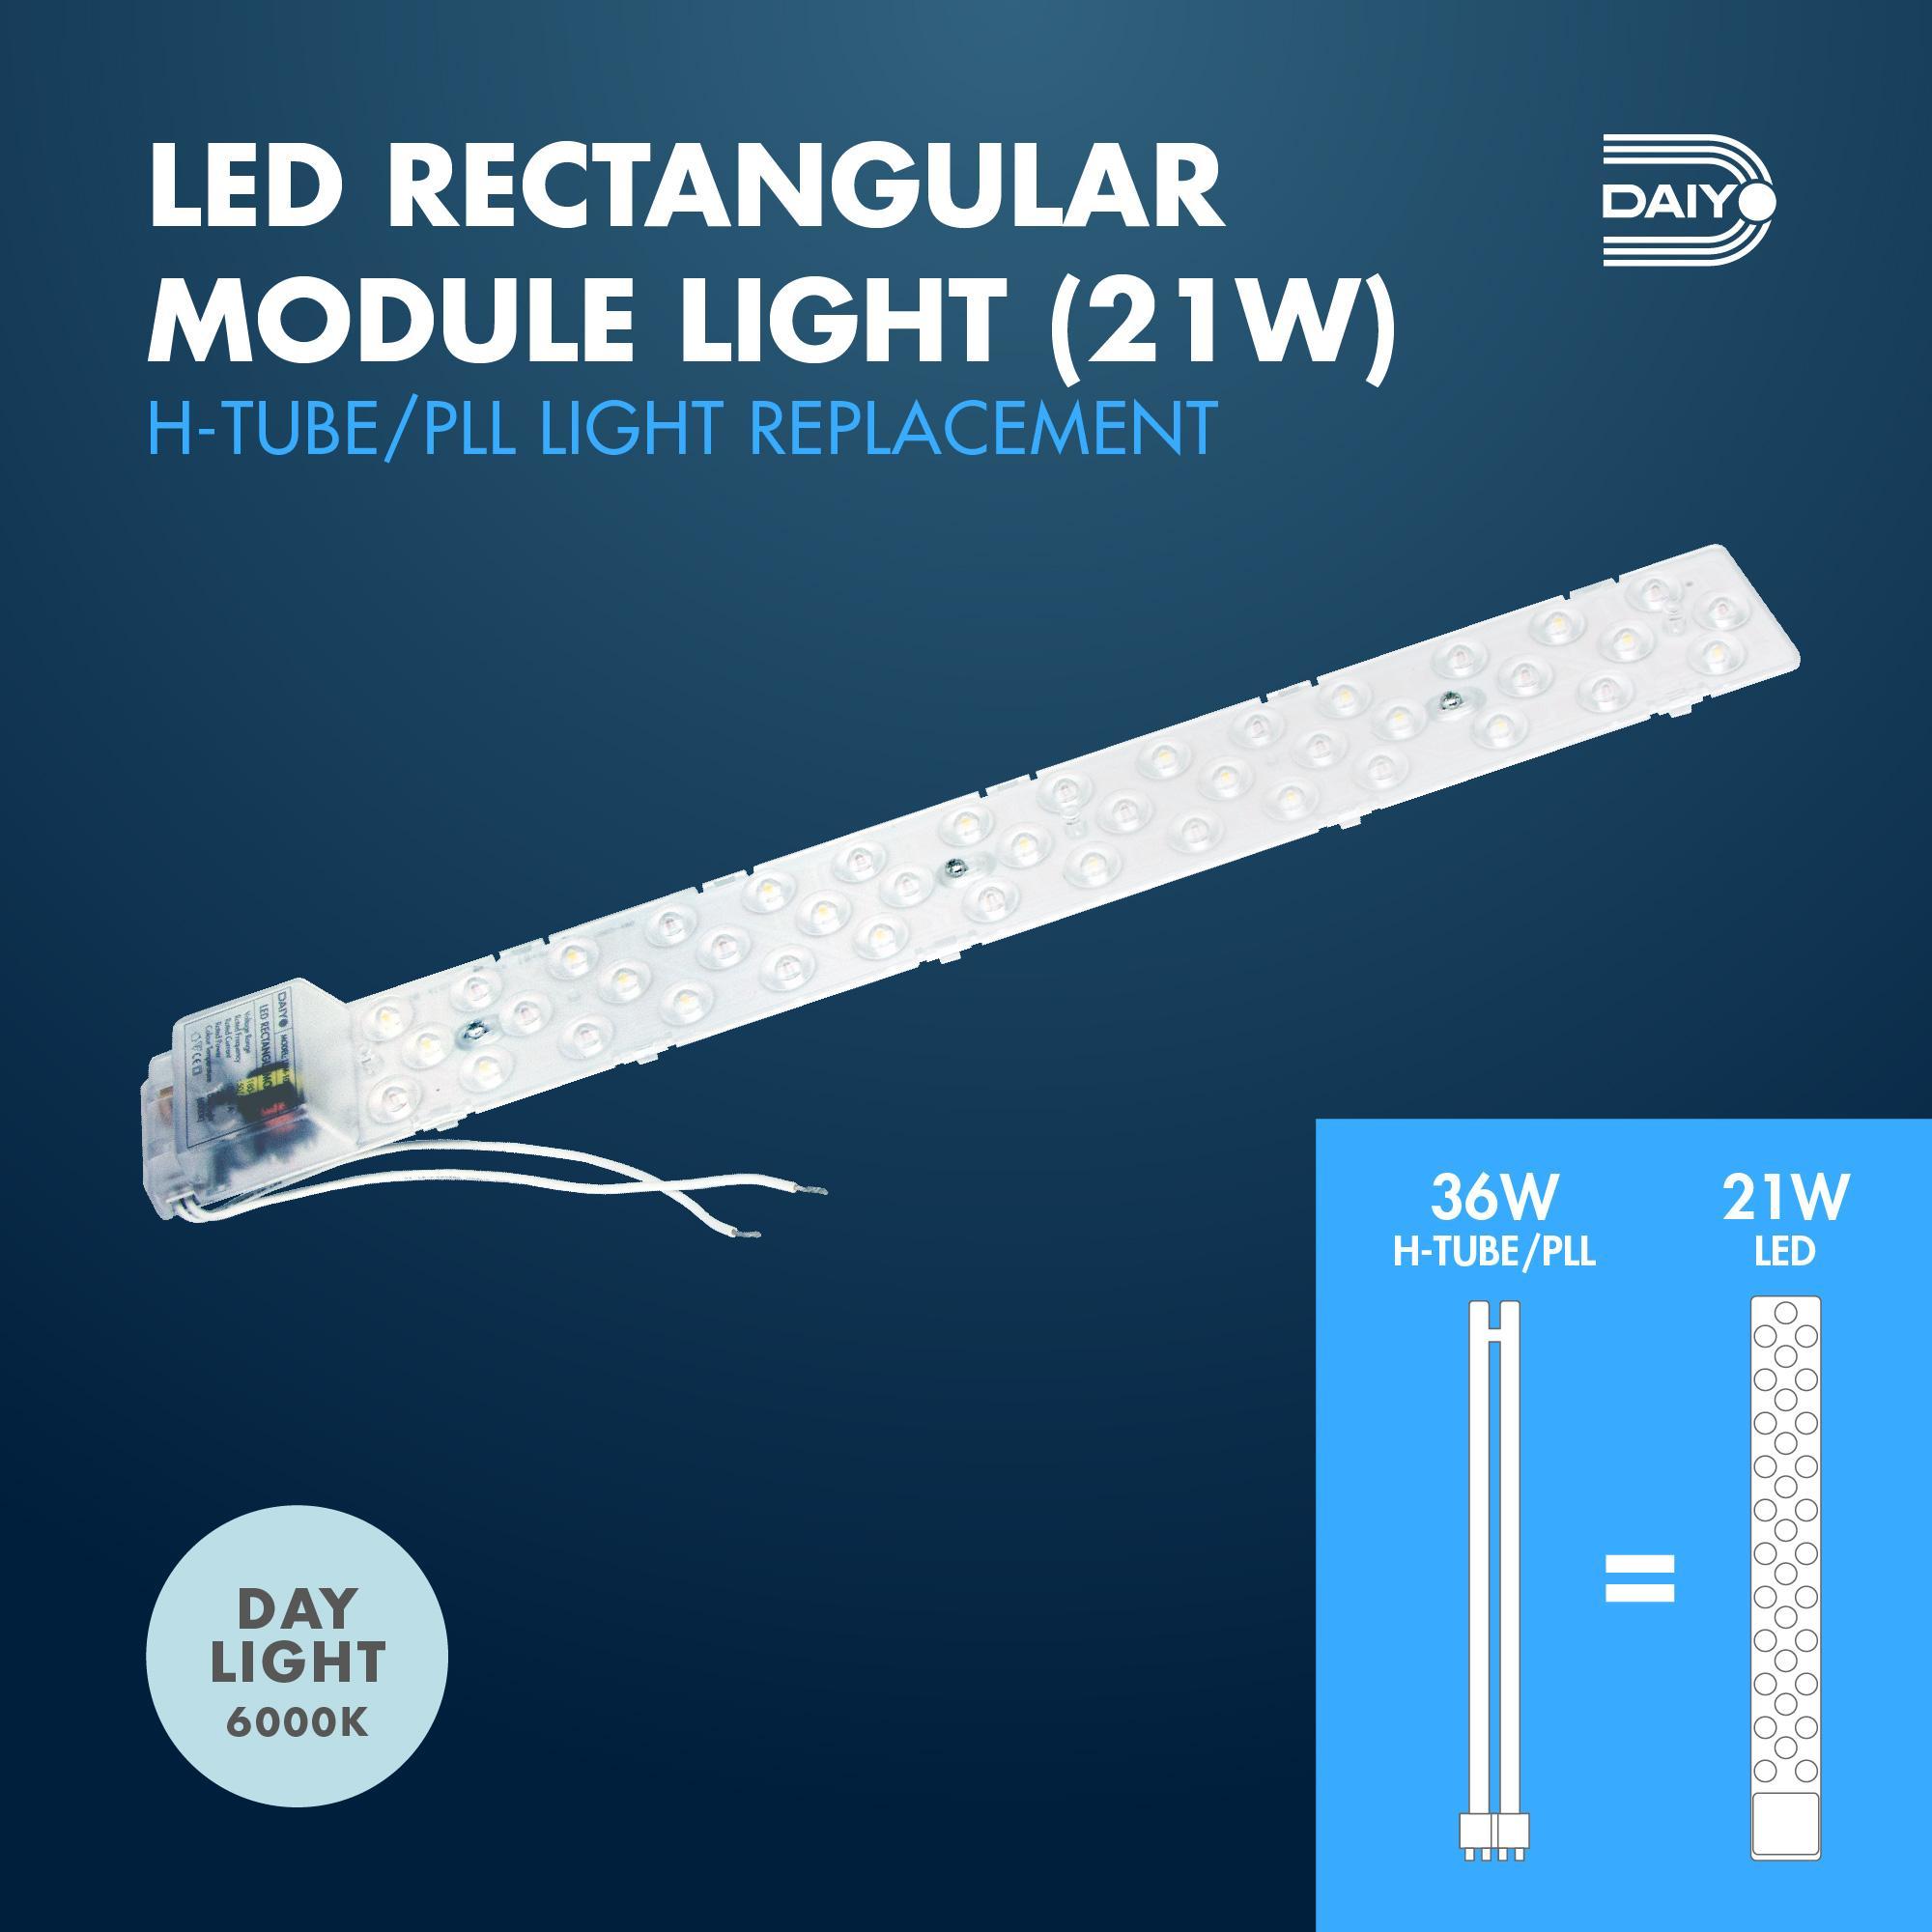 21W LED Rectangle Module Light (Day Light)